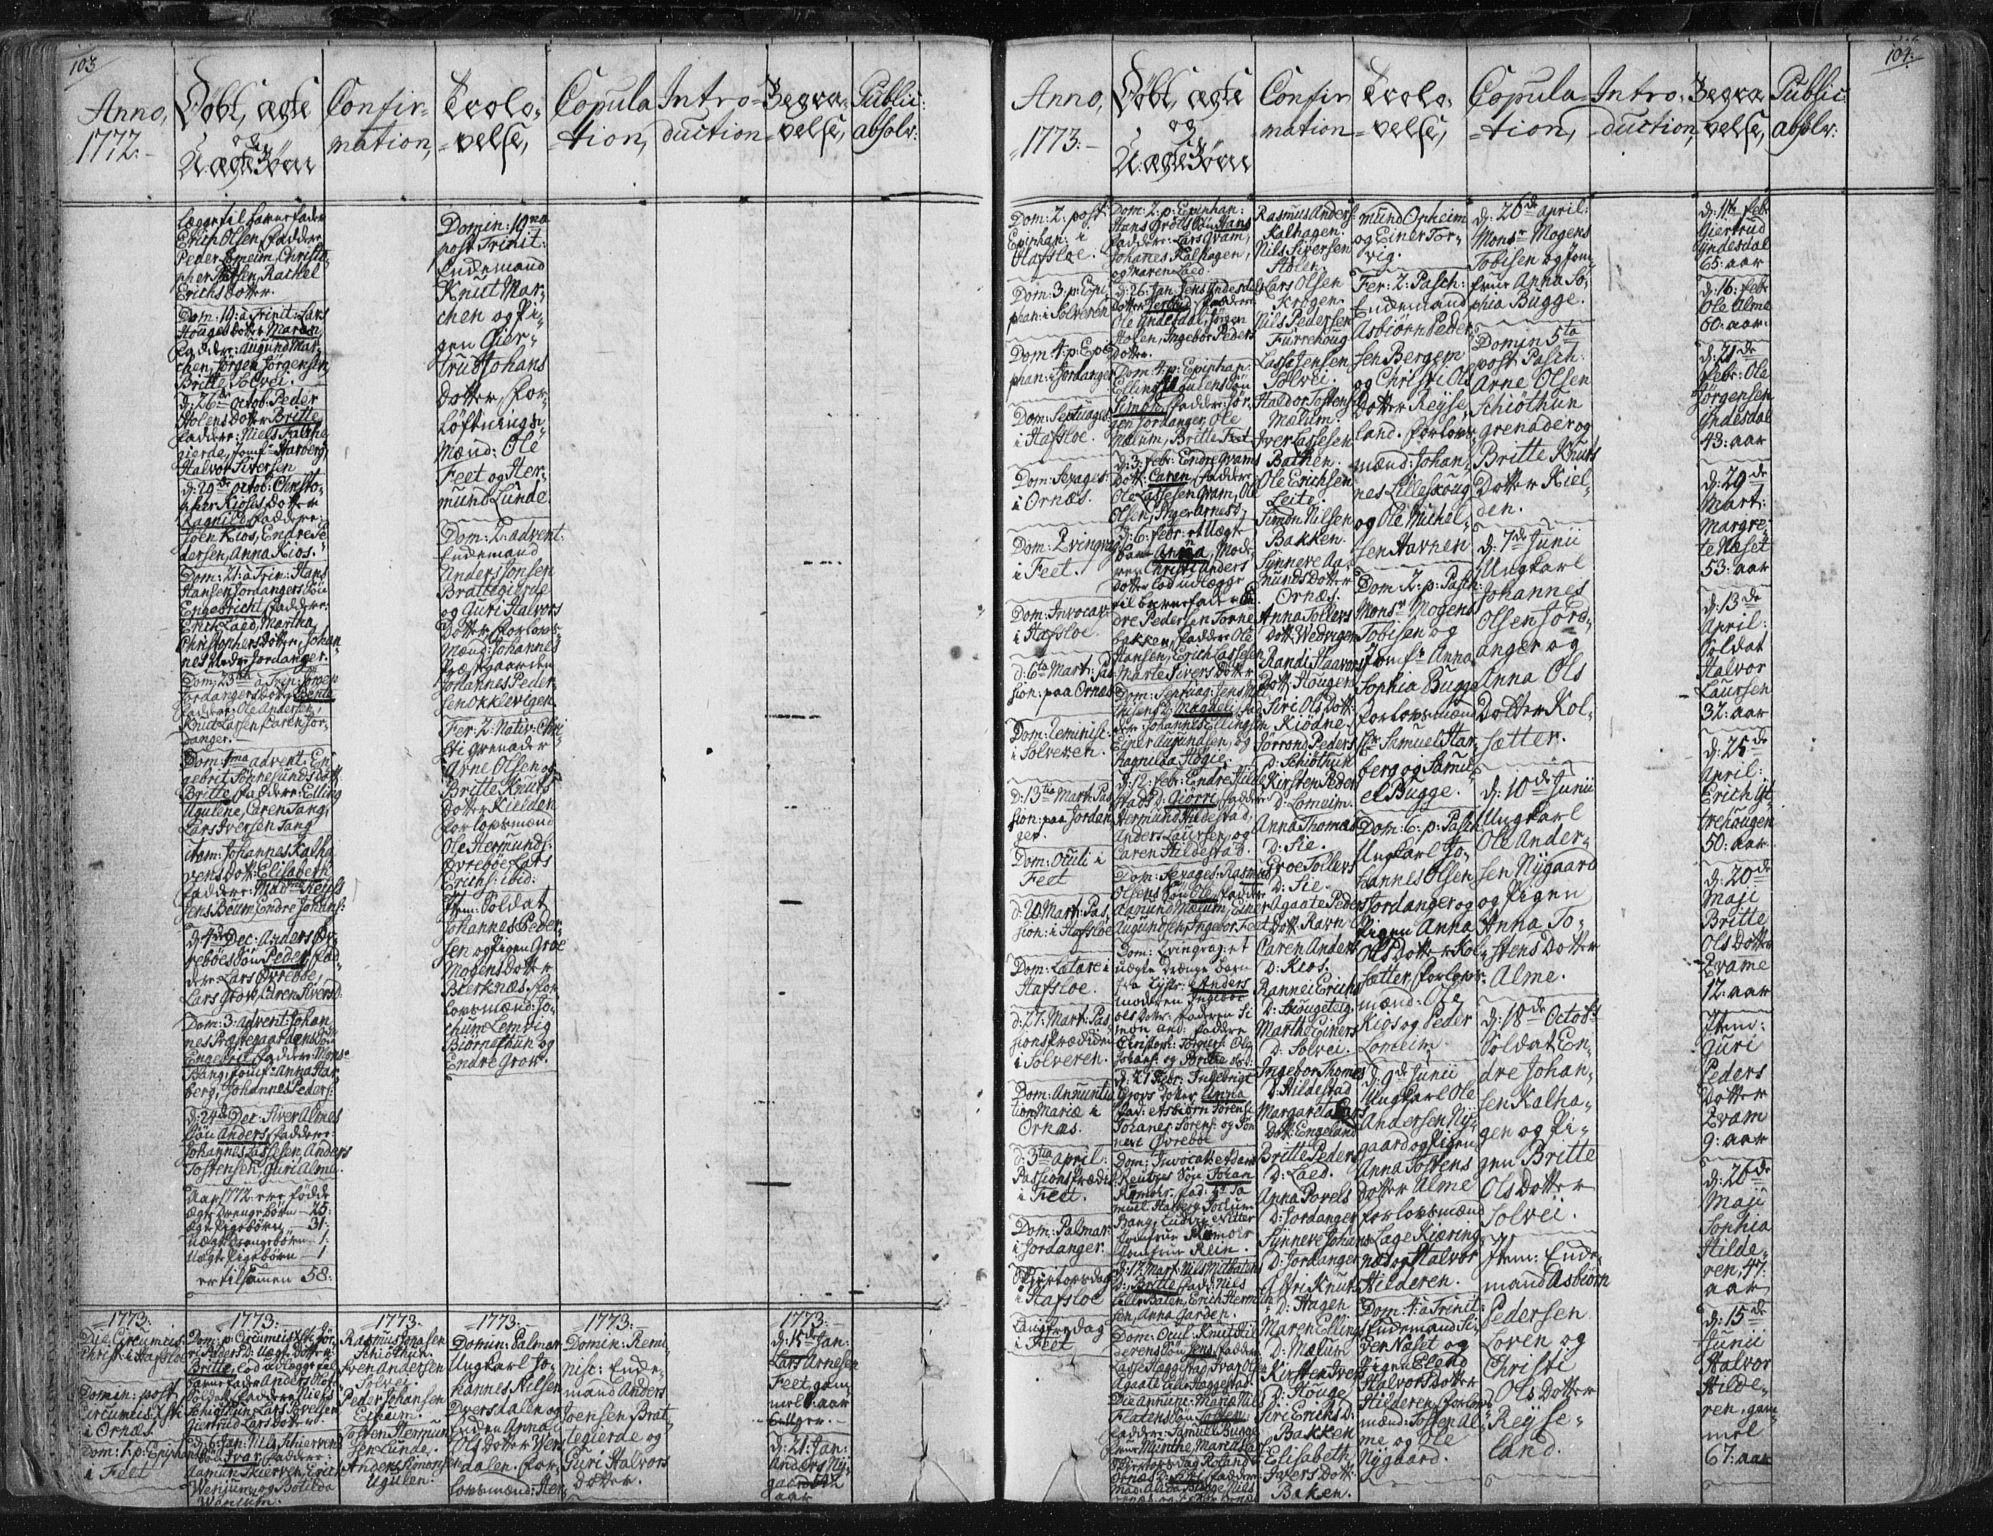 SAB, Hafslo Sokneprestembete, Ministerialbok nr. A 2, 1755-1806, s. 103-104